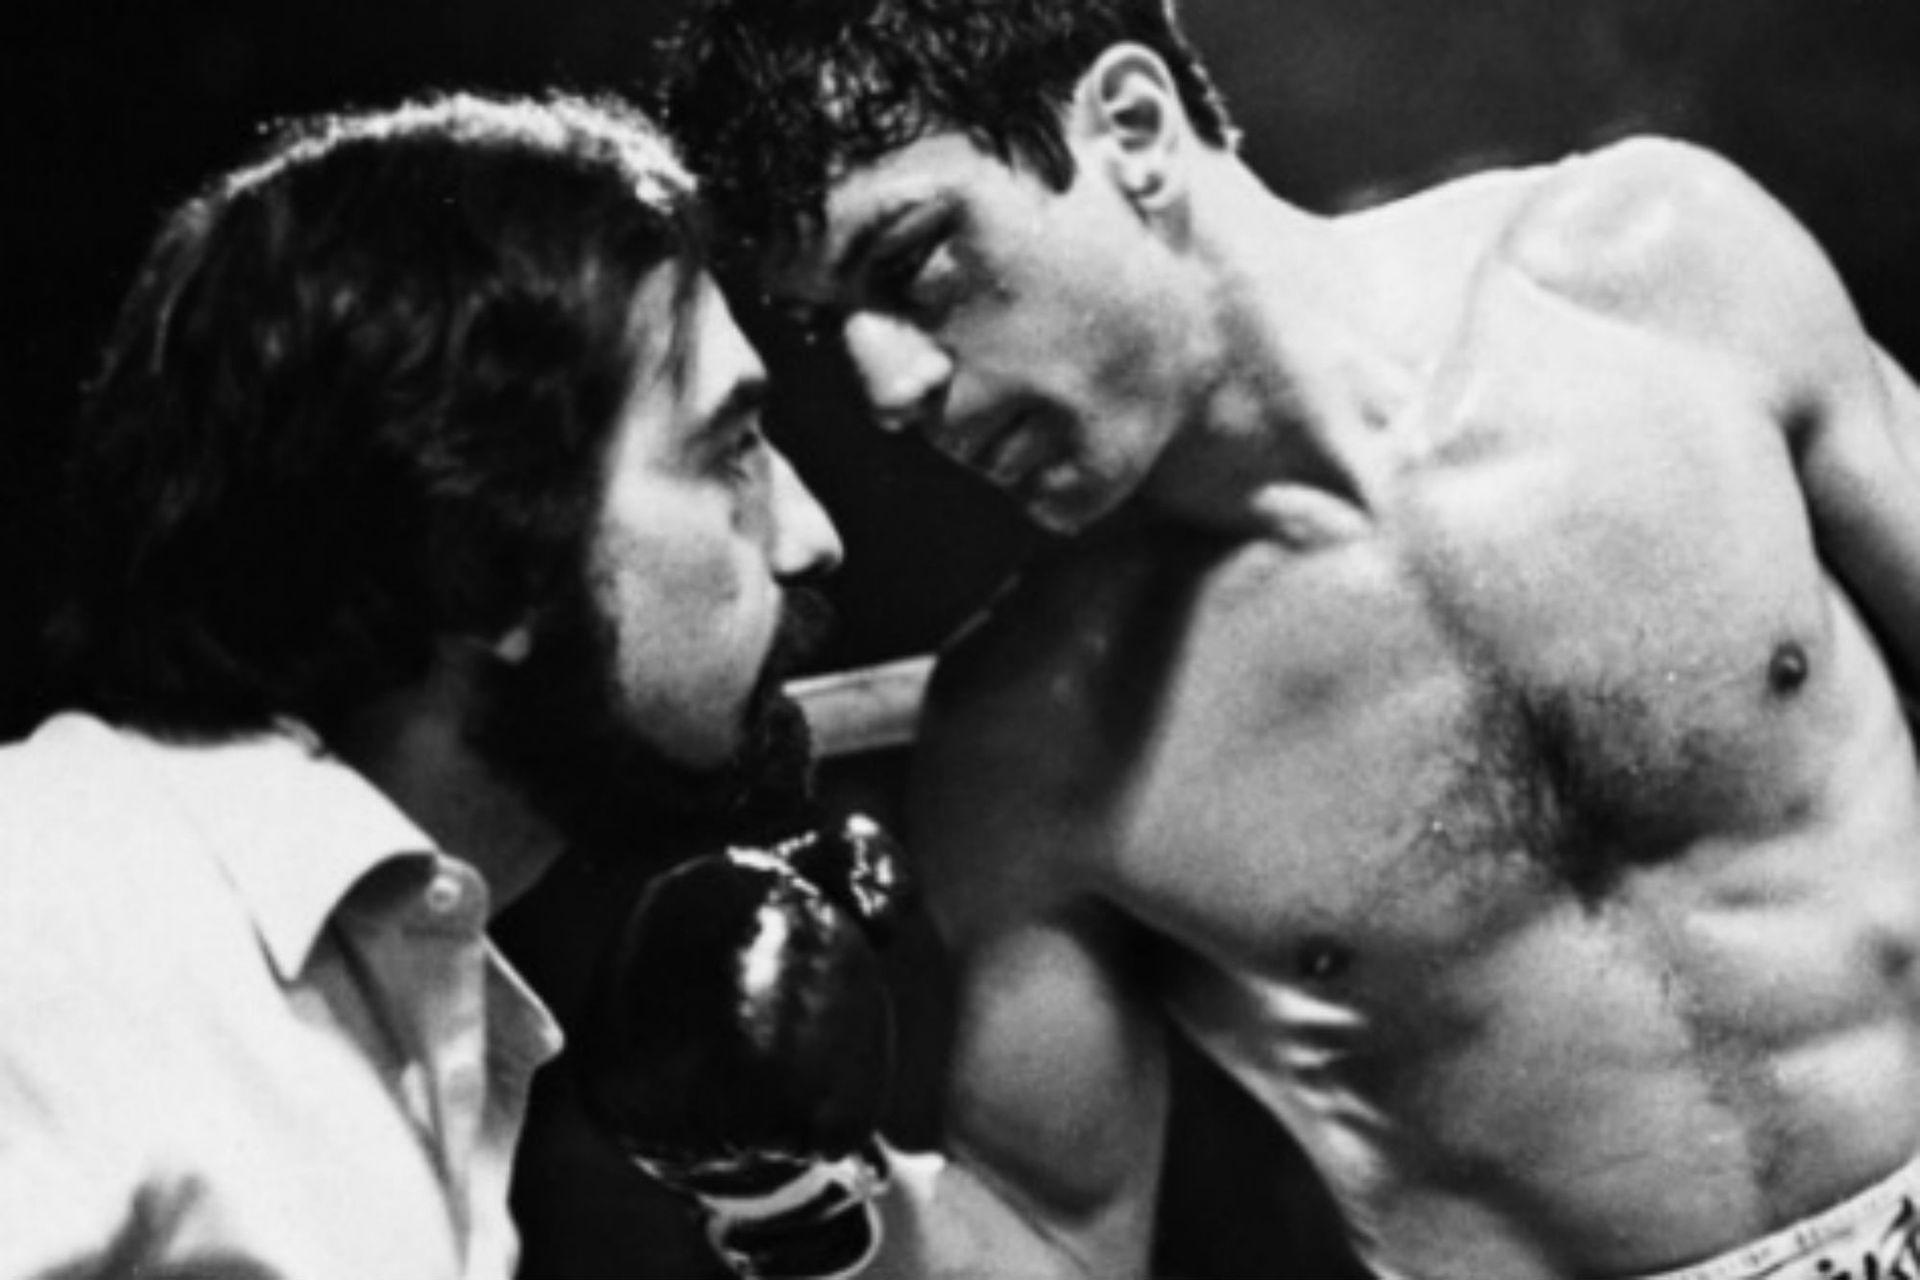 Martin Scorsese dirigió este film a pedido de Robert De Niro